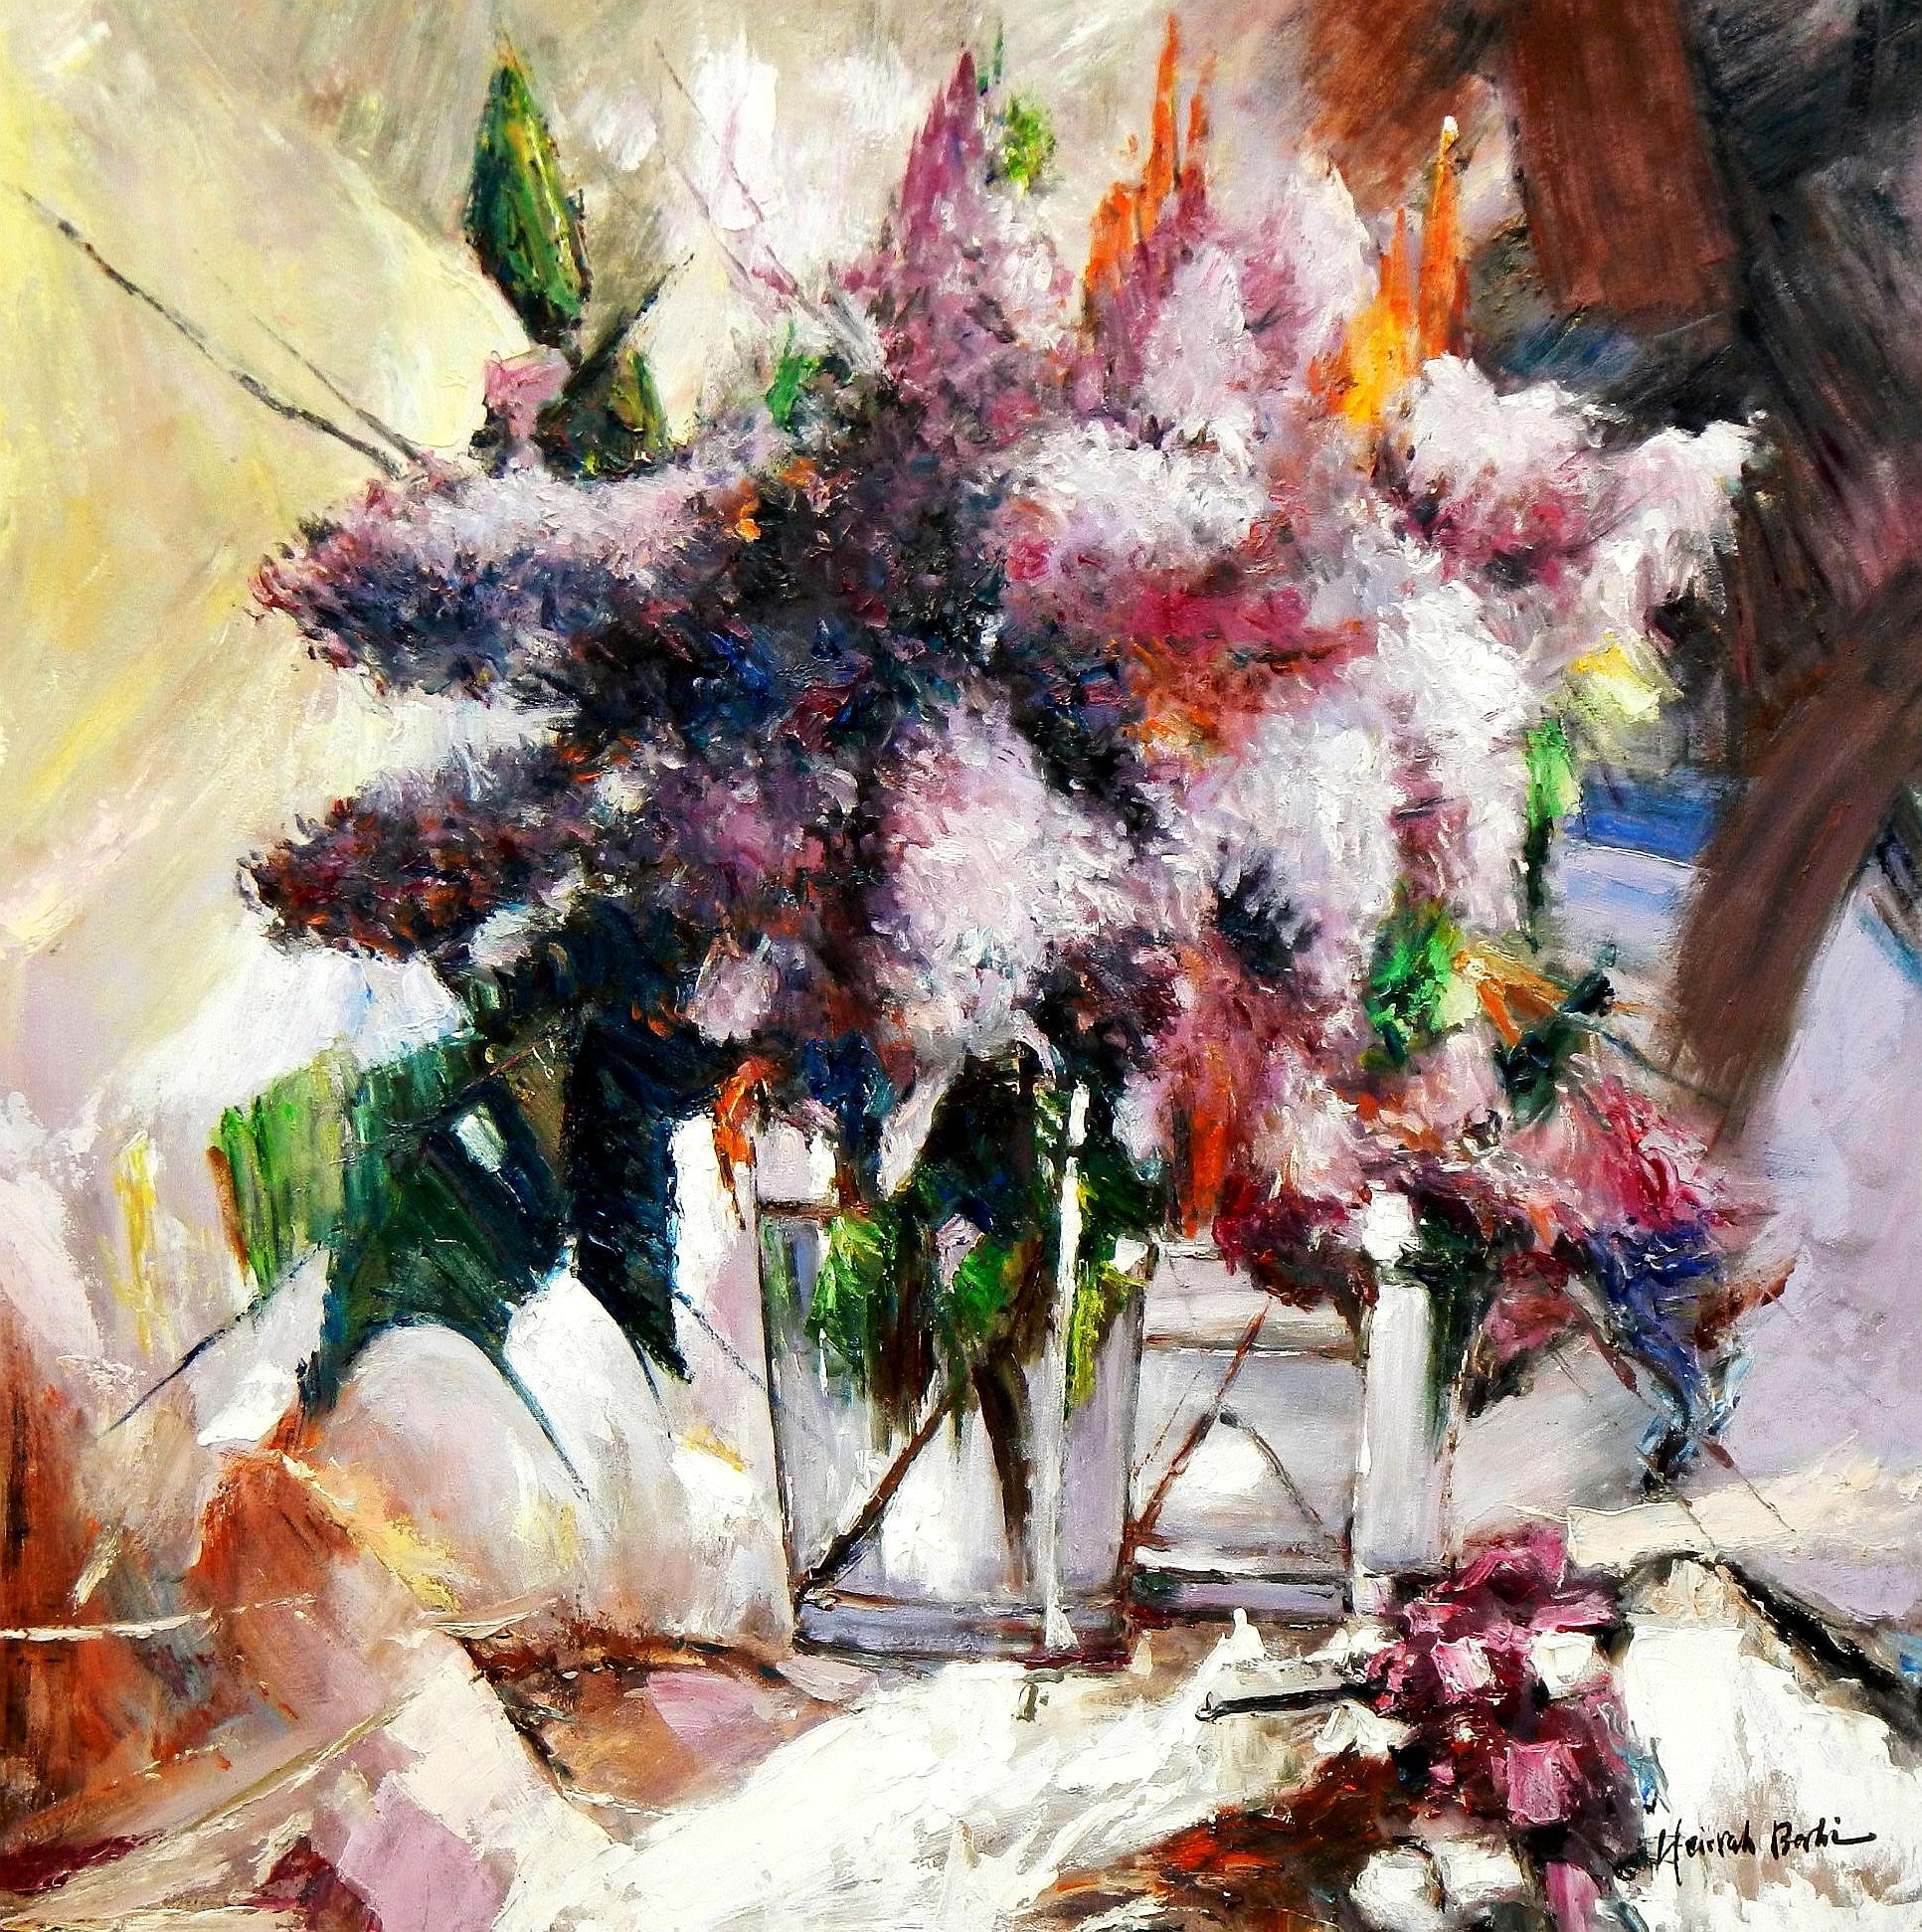 Modern Abstrakt - Vase mit bunten Blumen g94398 80x80cm abstraktes Ölbild handgemalt